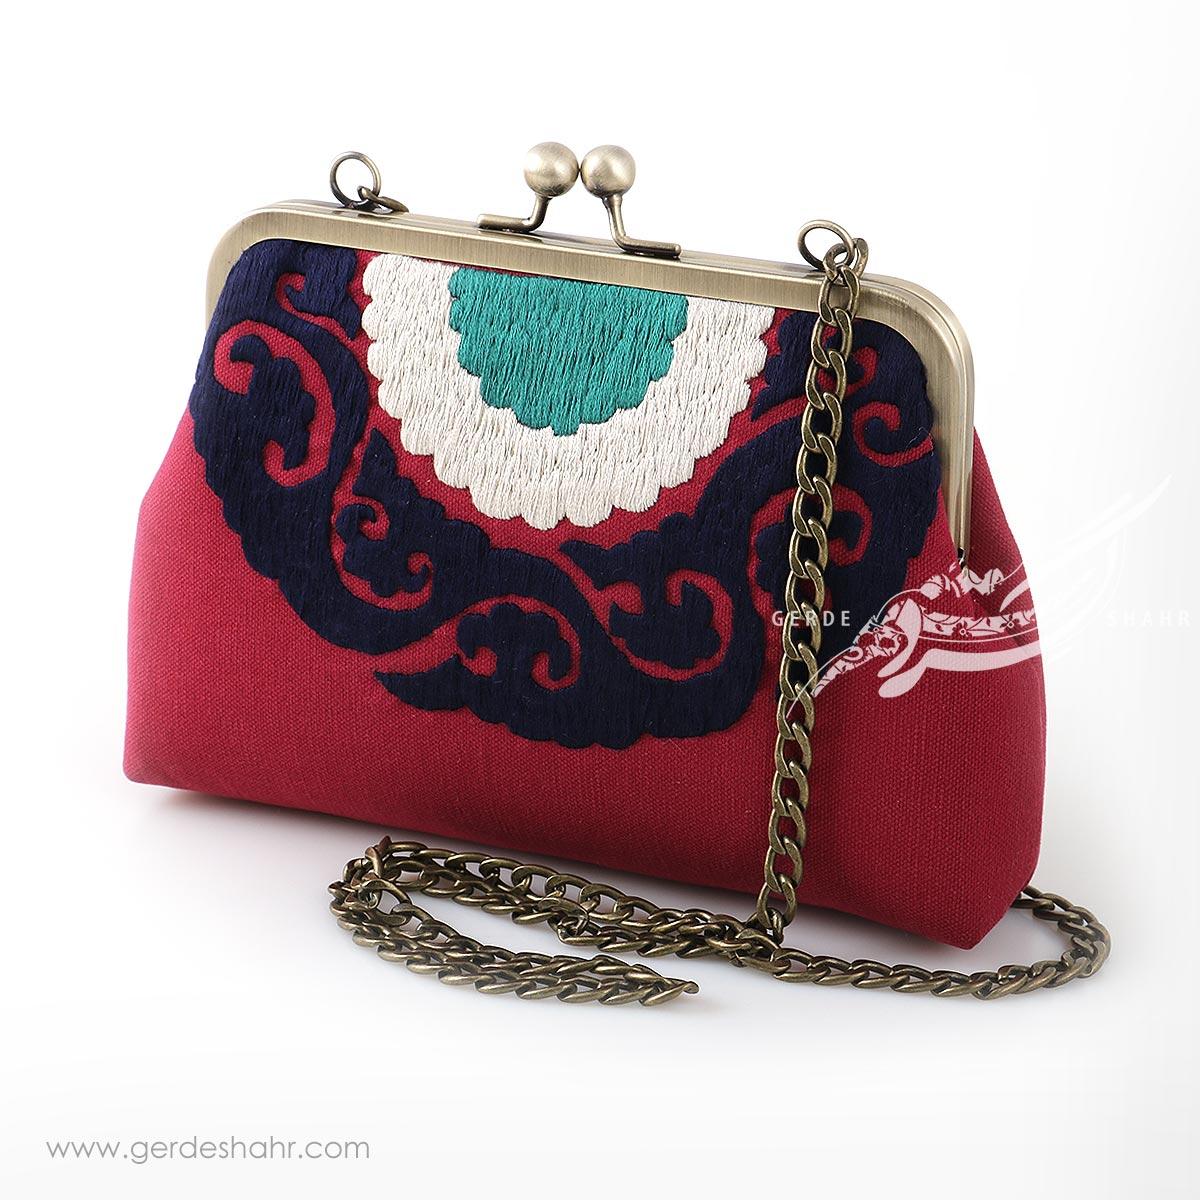 مشخصات، قیمت و خرید اینترنتی کیف بند دار زنانه مدل بخارا قرمز راژانه